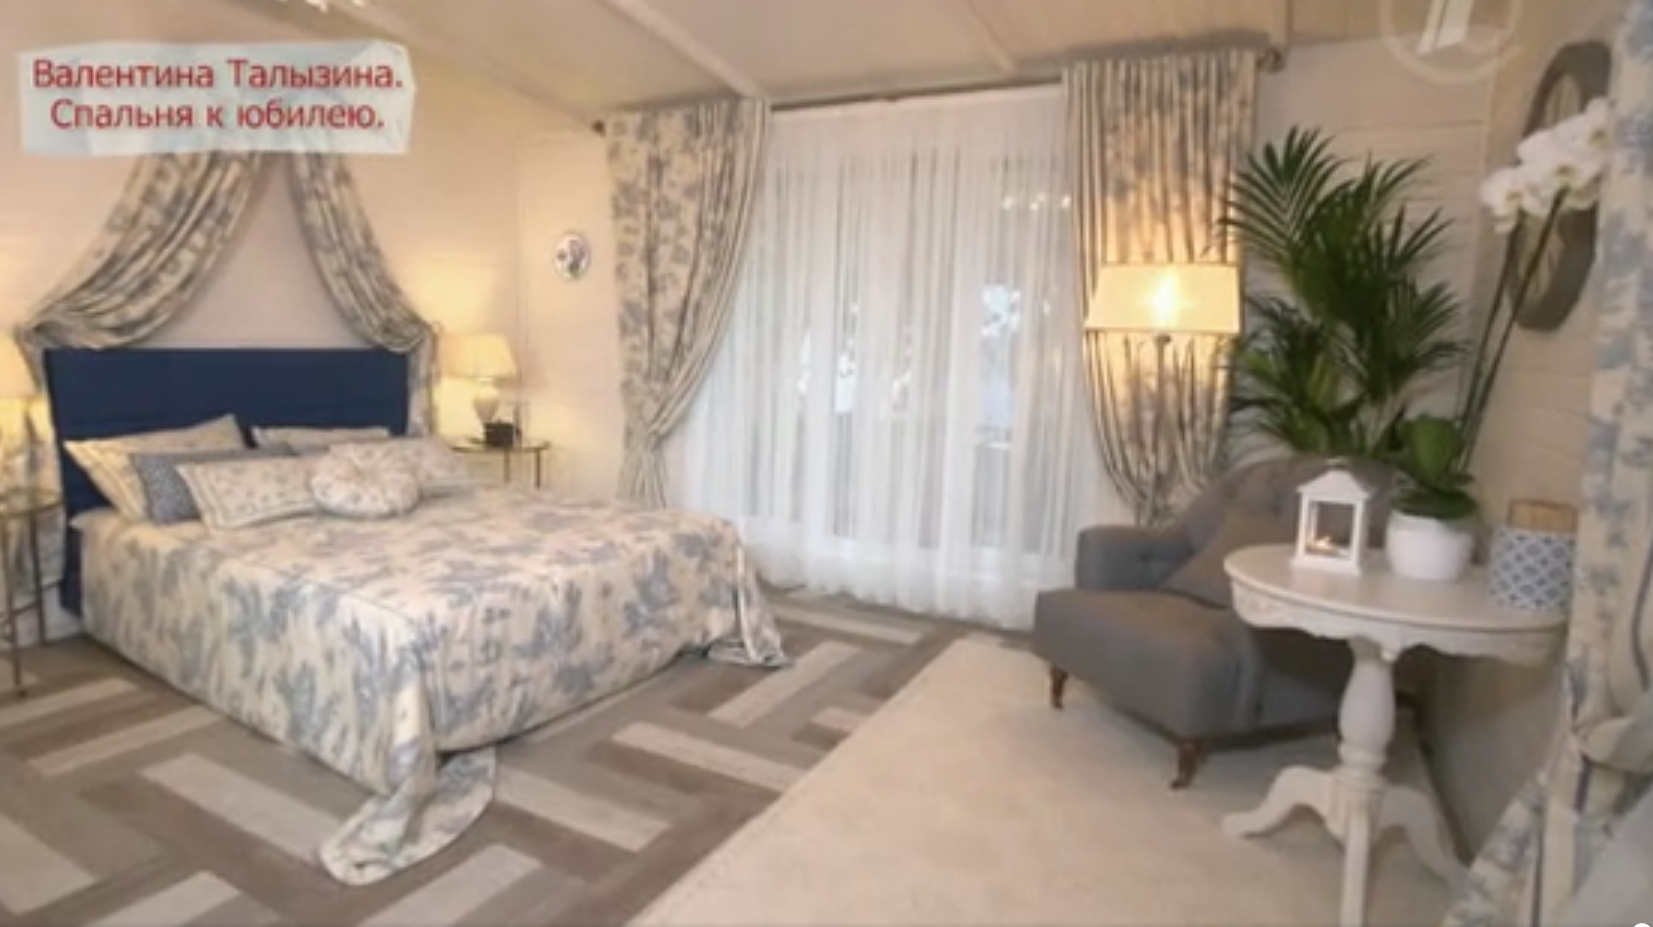 Спальня Валентины Талызиной после ремонта